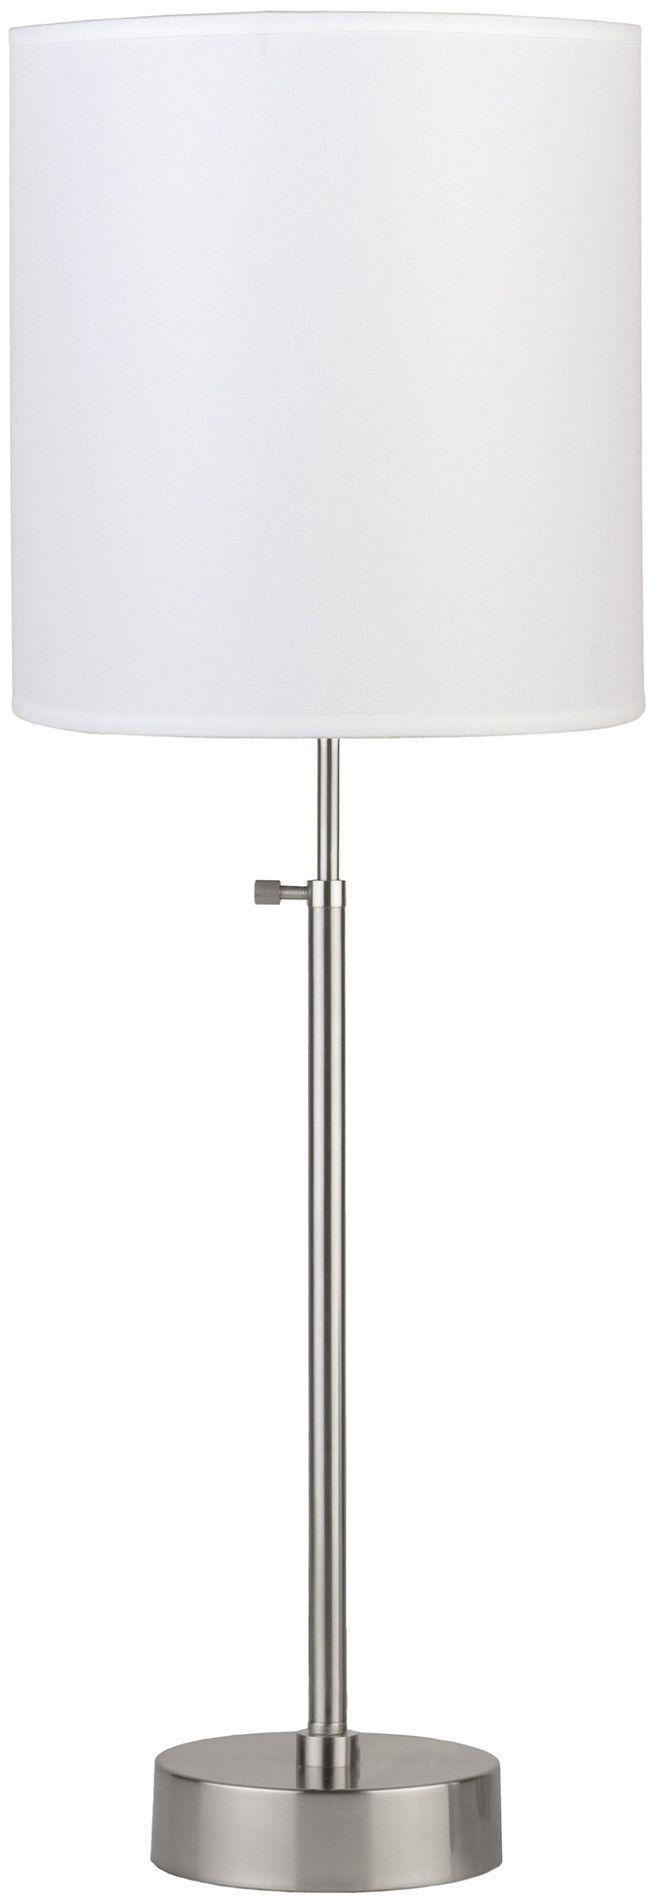 Best 25+ Adjustable floor lamp ideas on Pinterest | Floor standing ...